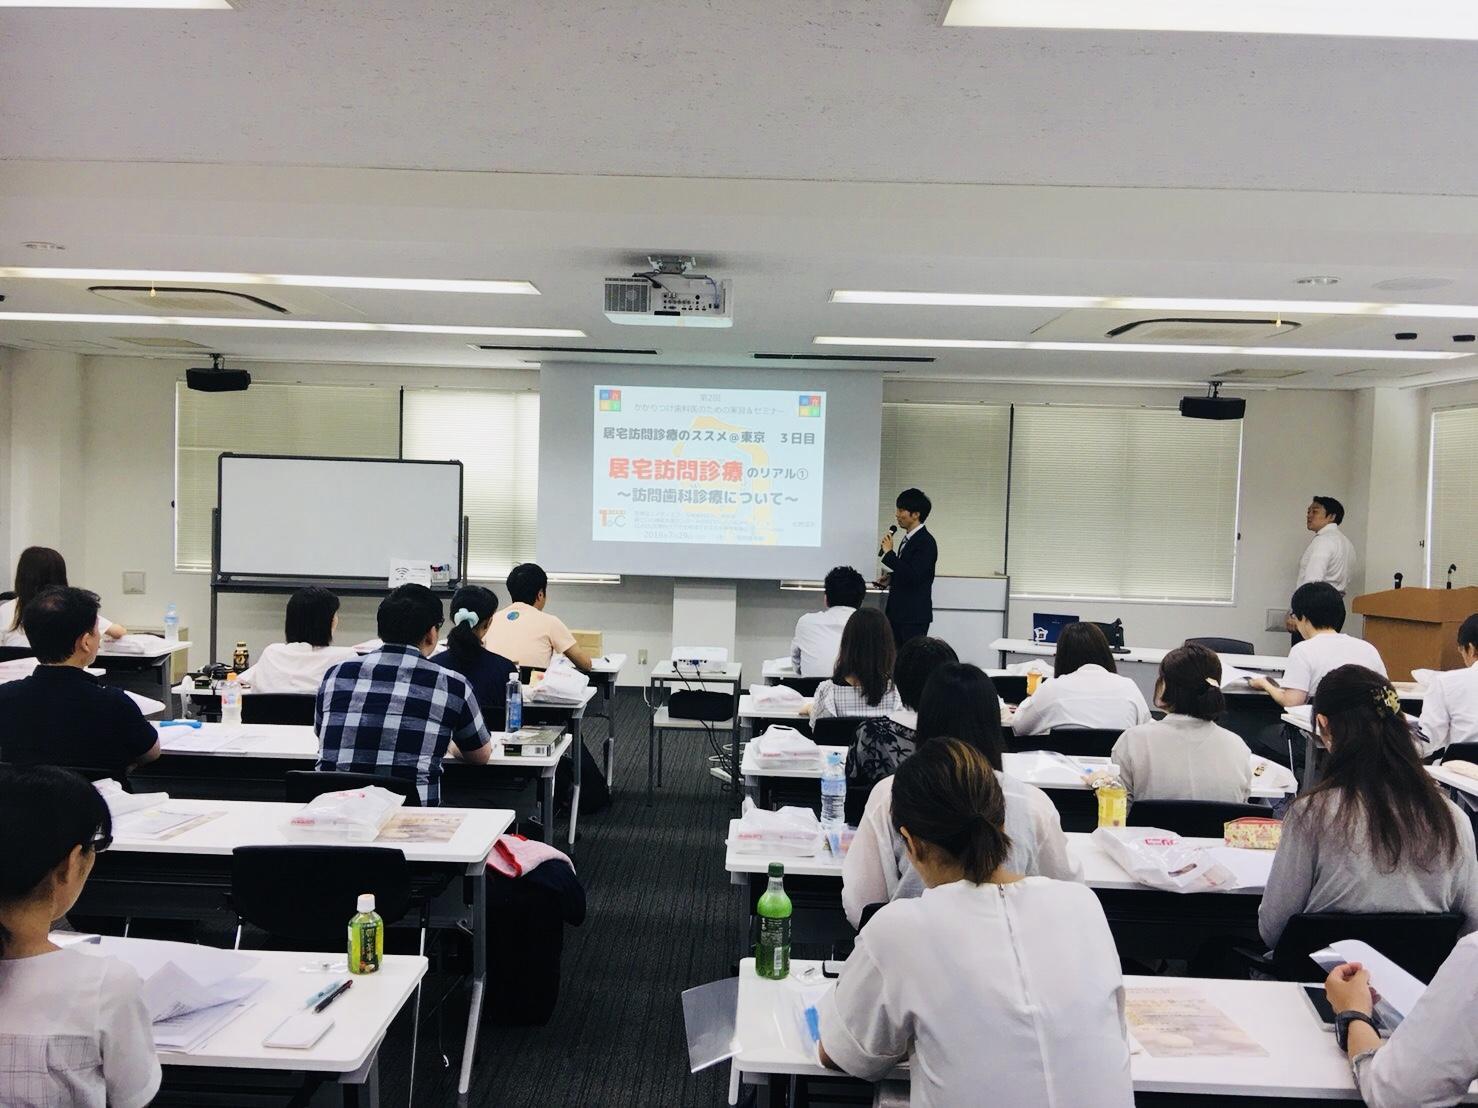 2018.7.29キョタシン東京④.jpg